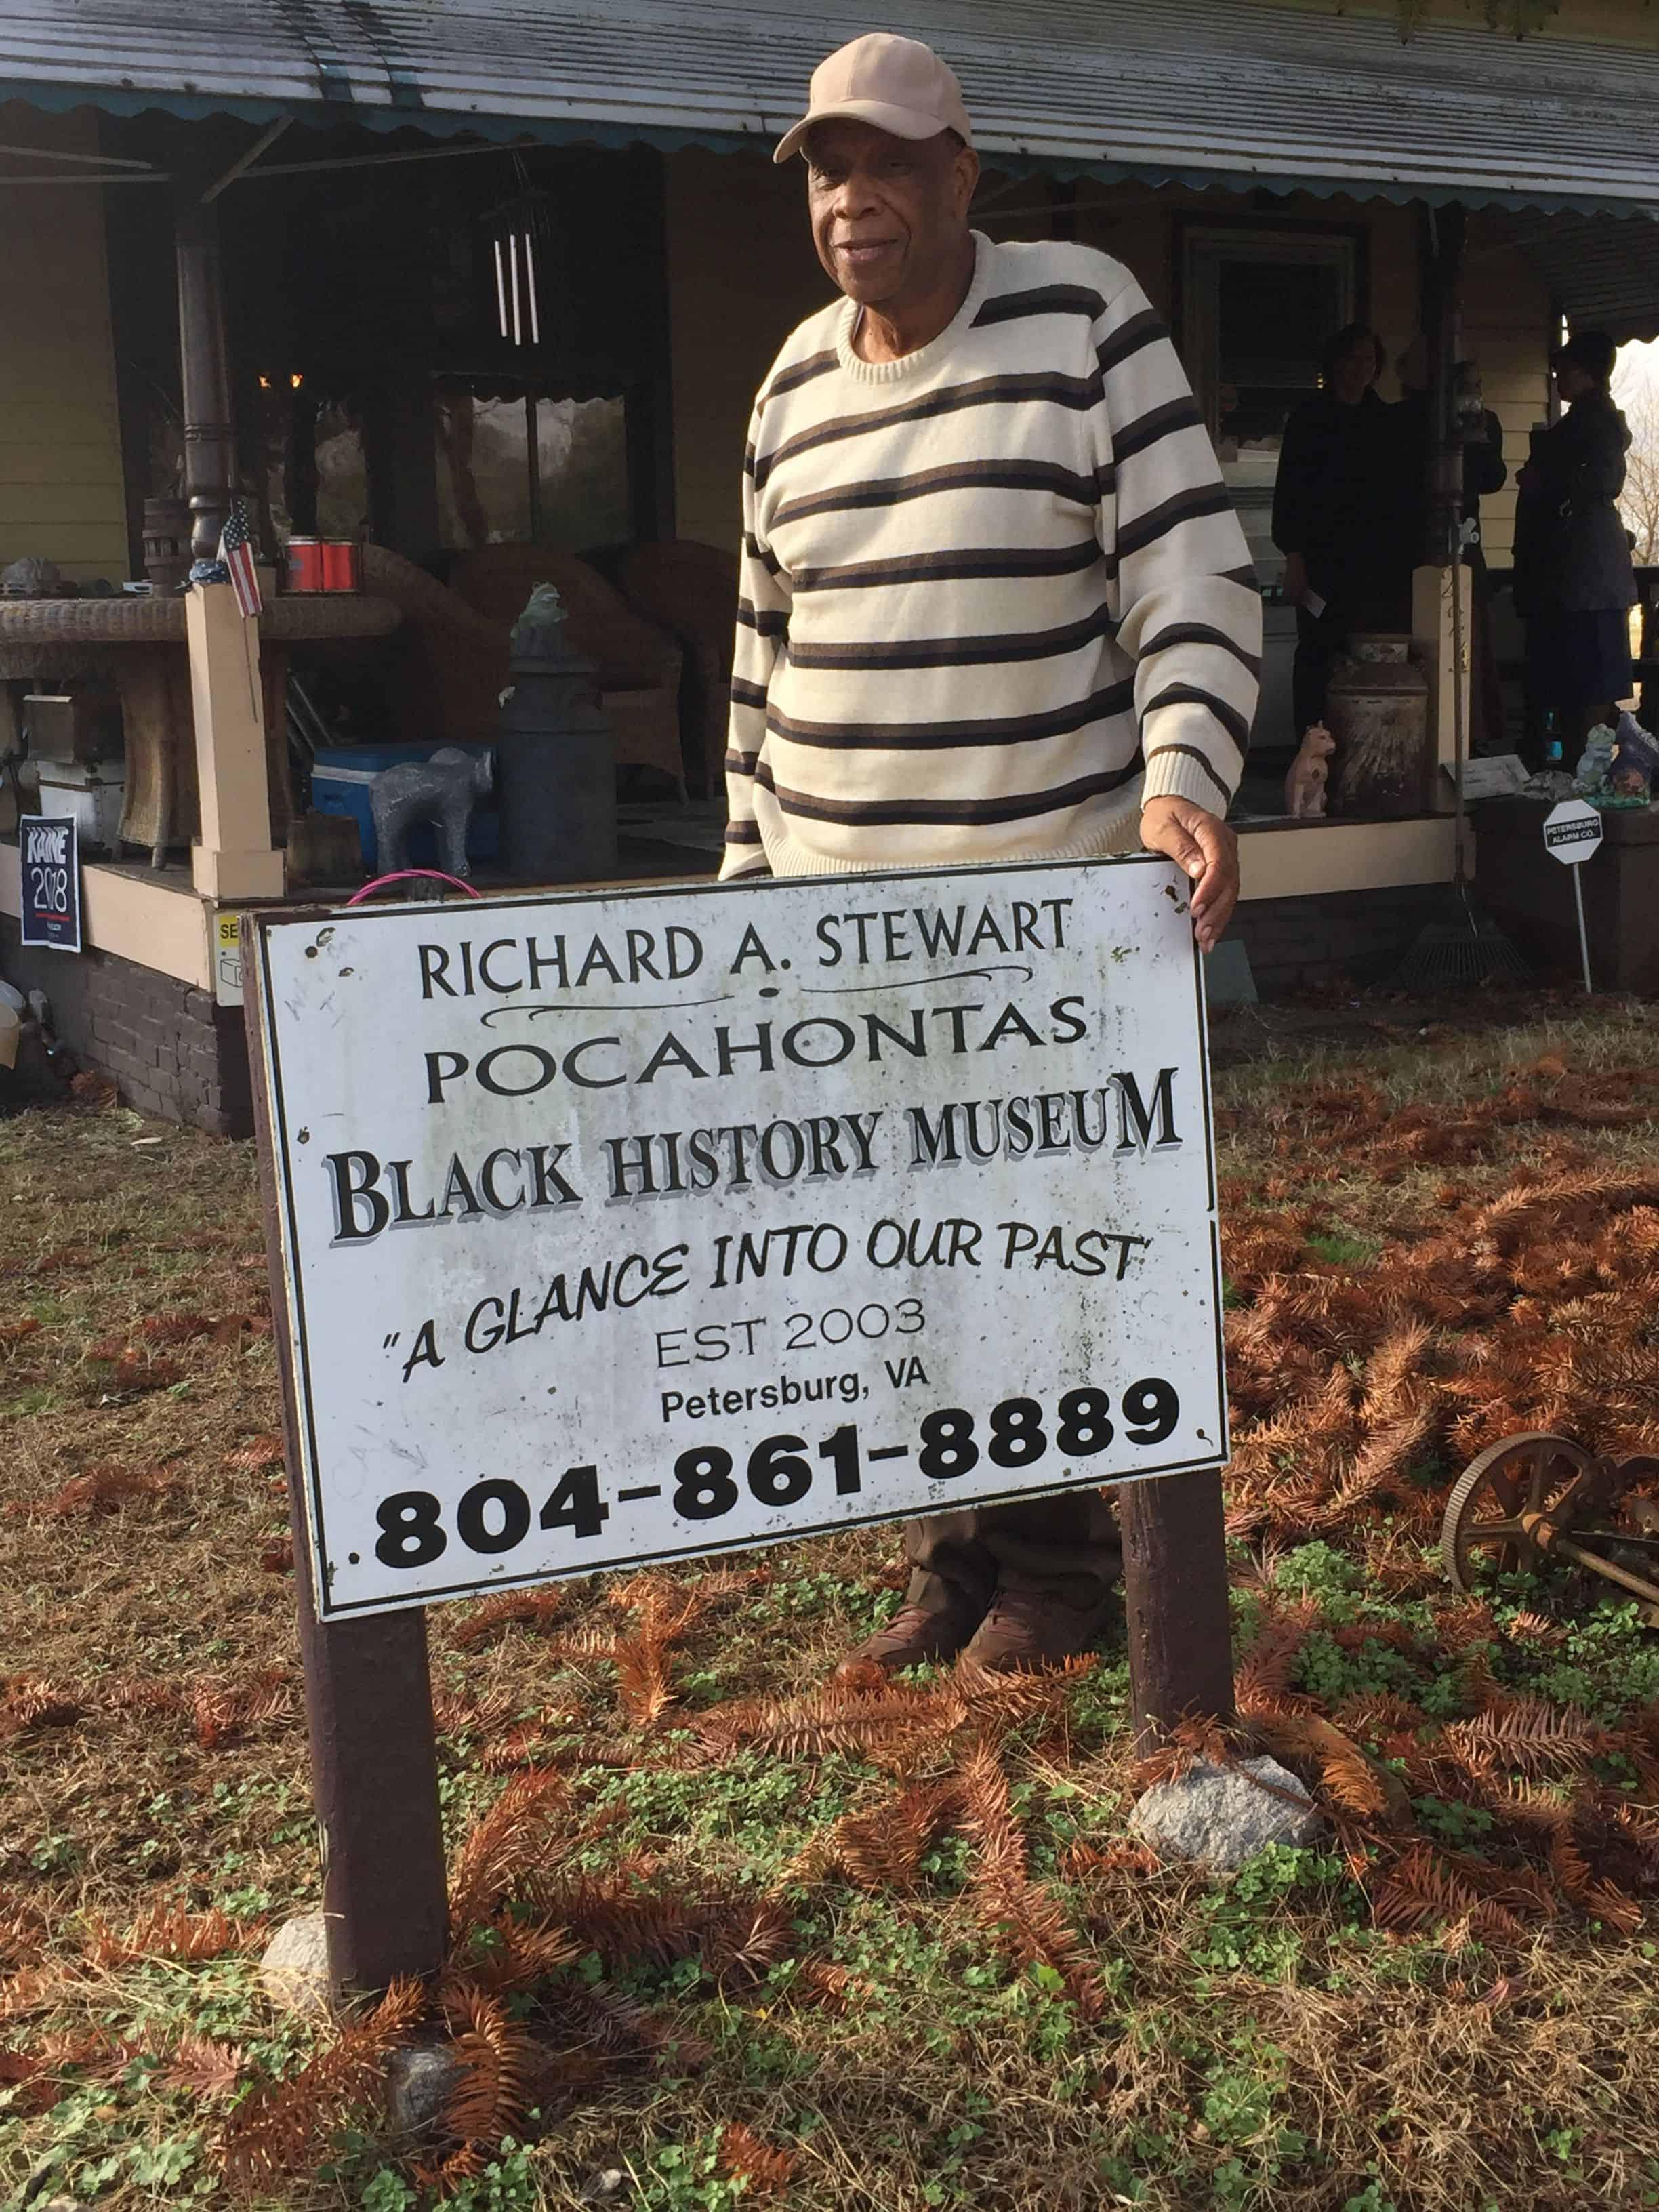 Pocahontas Island Museum